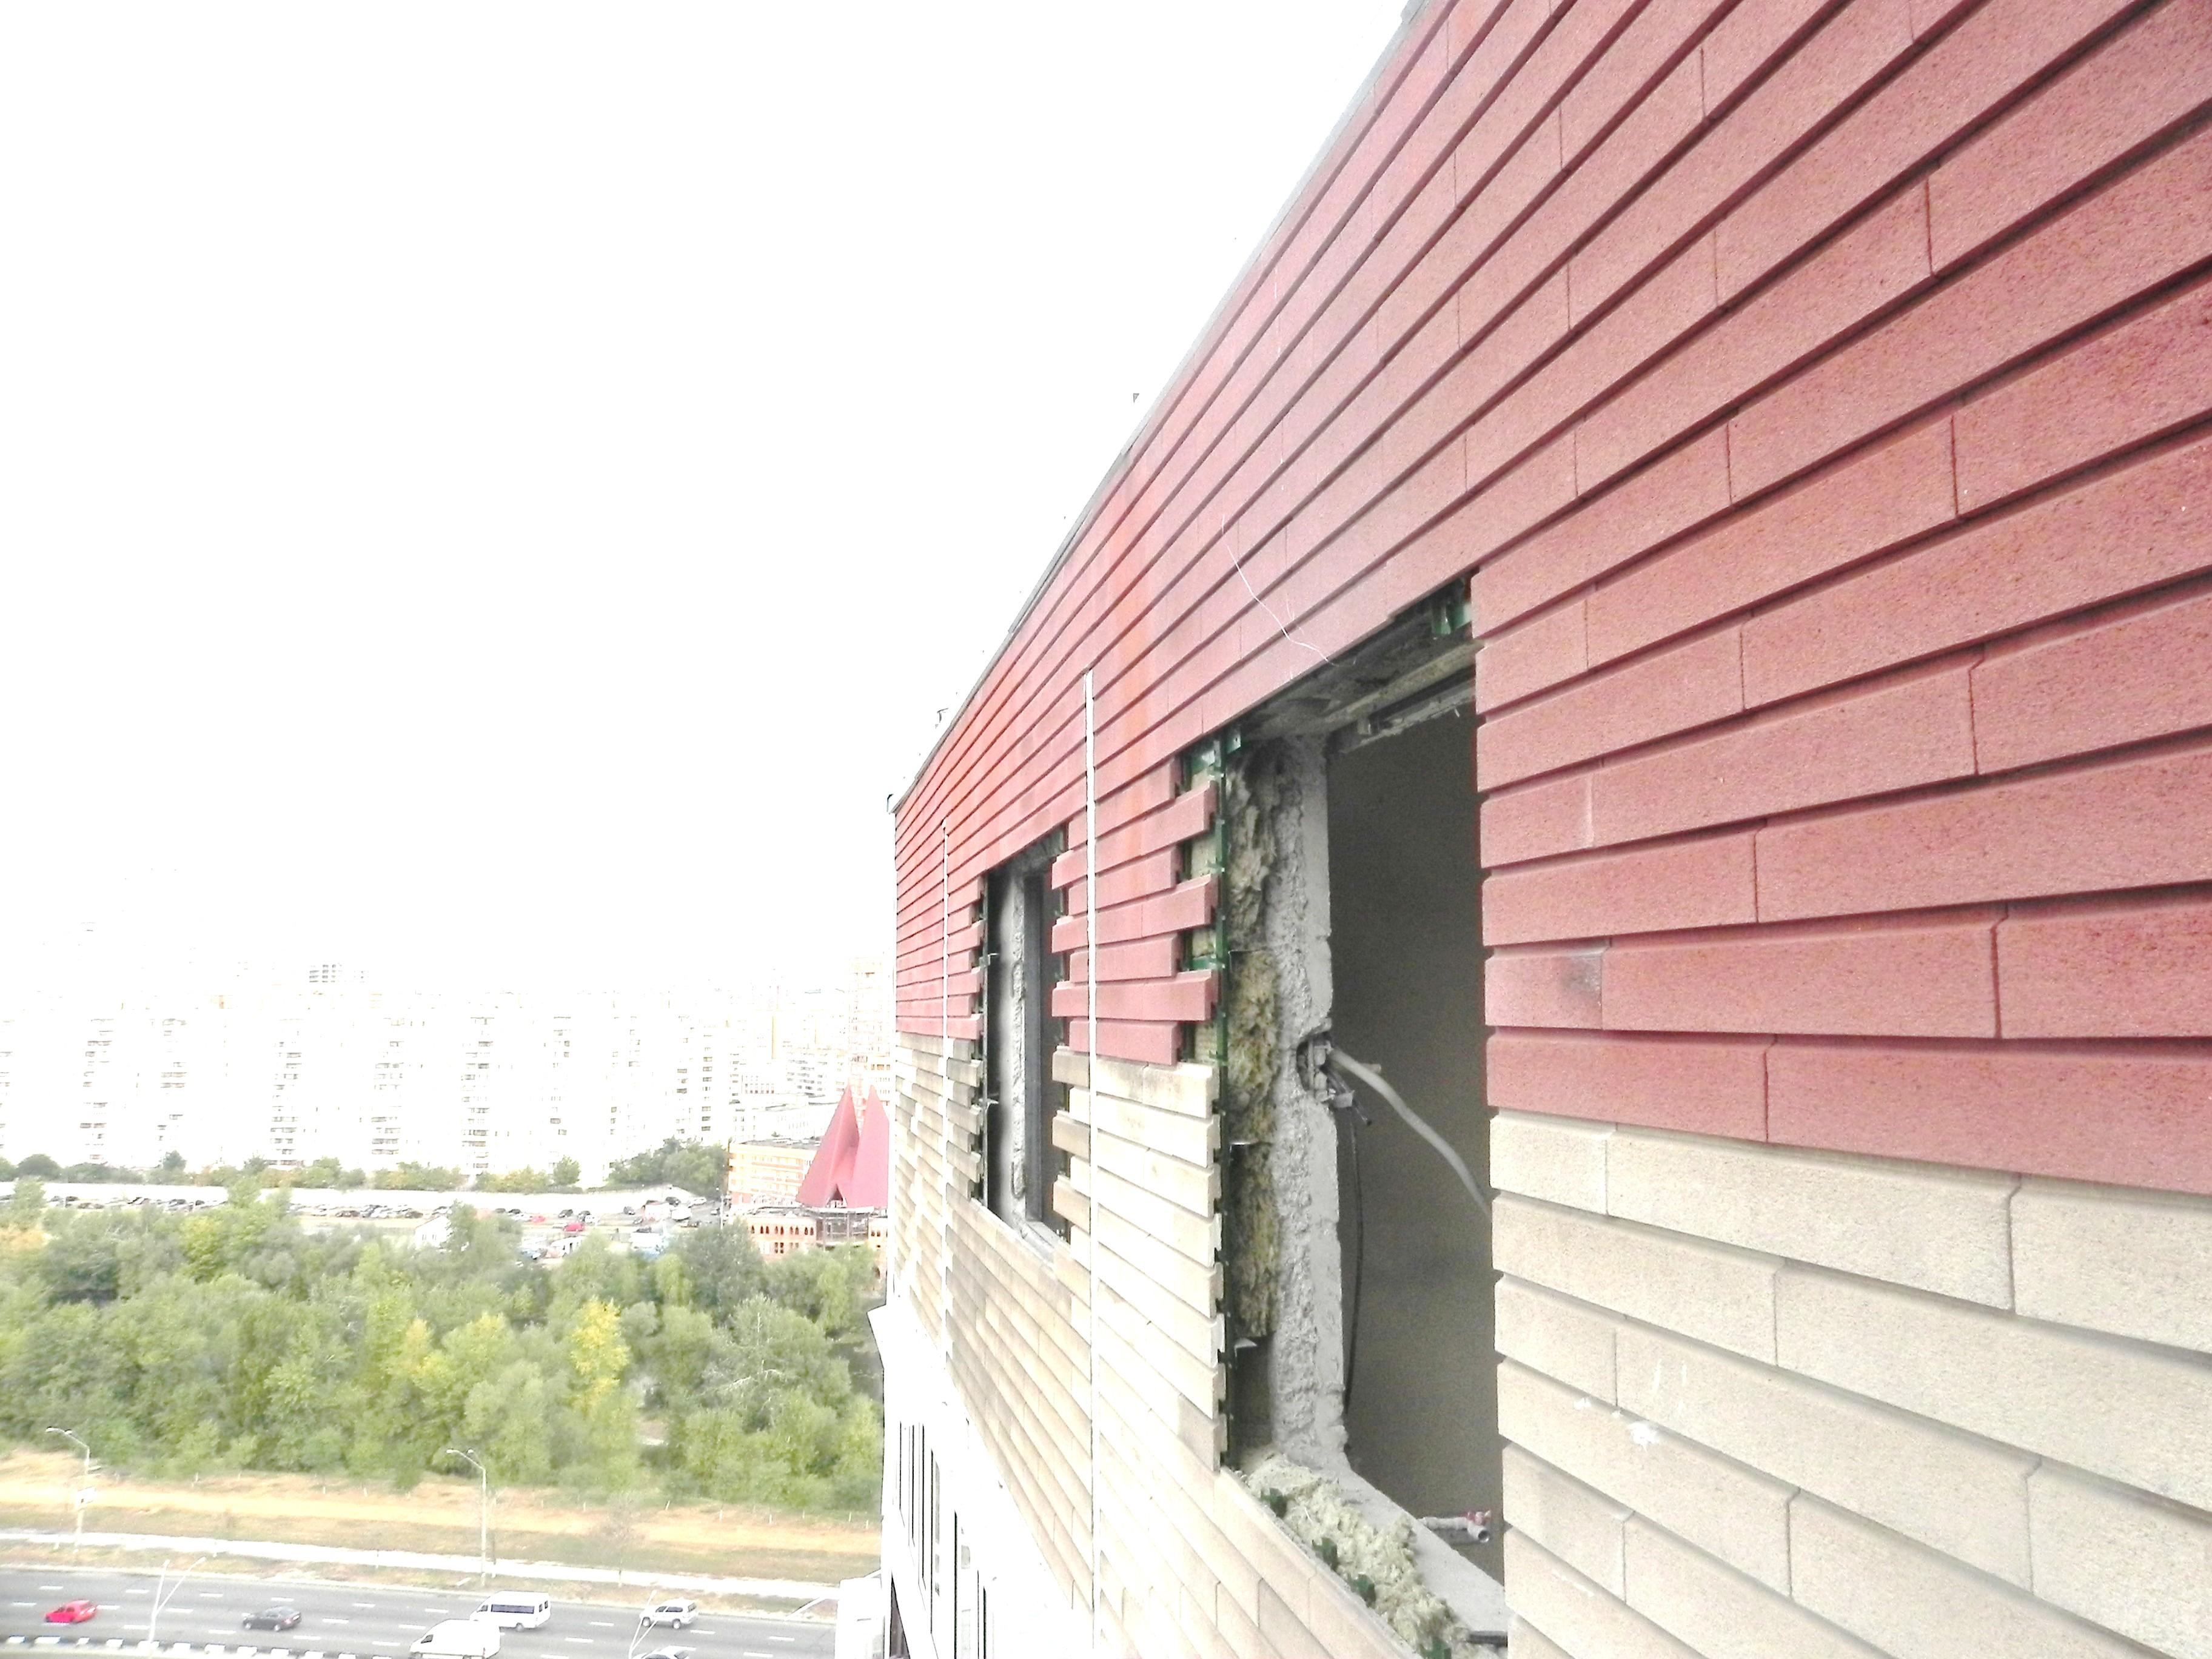 Резка бетона 068-358-36-88 Алмазная резка бетона без пыли;Алмазная резка;резка железобетона;резка оконного проёма;